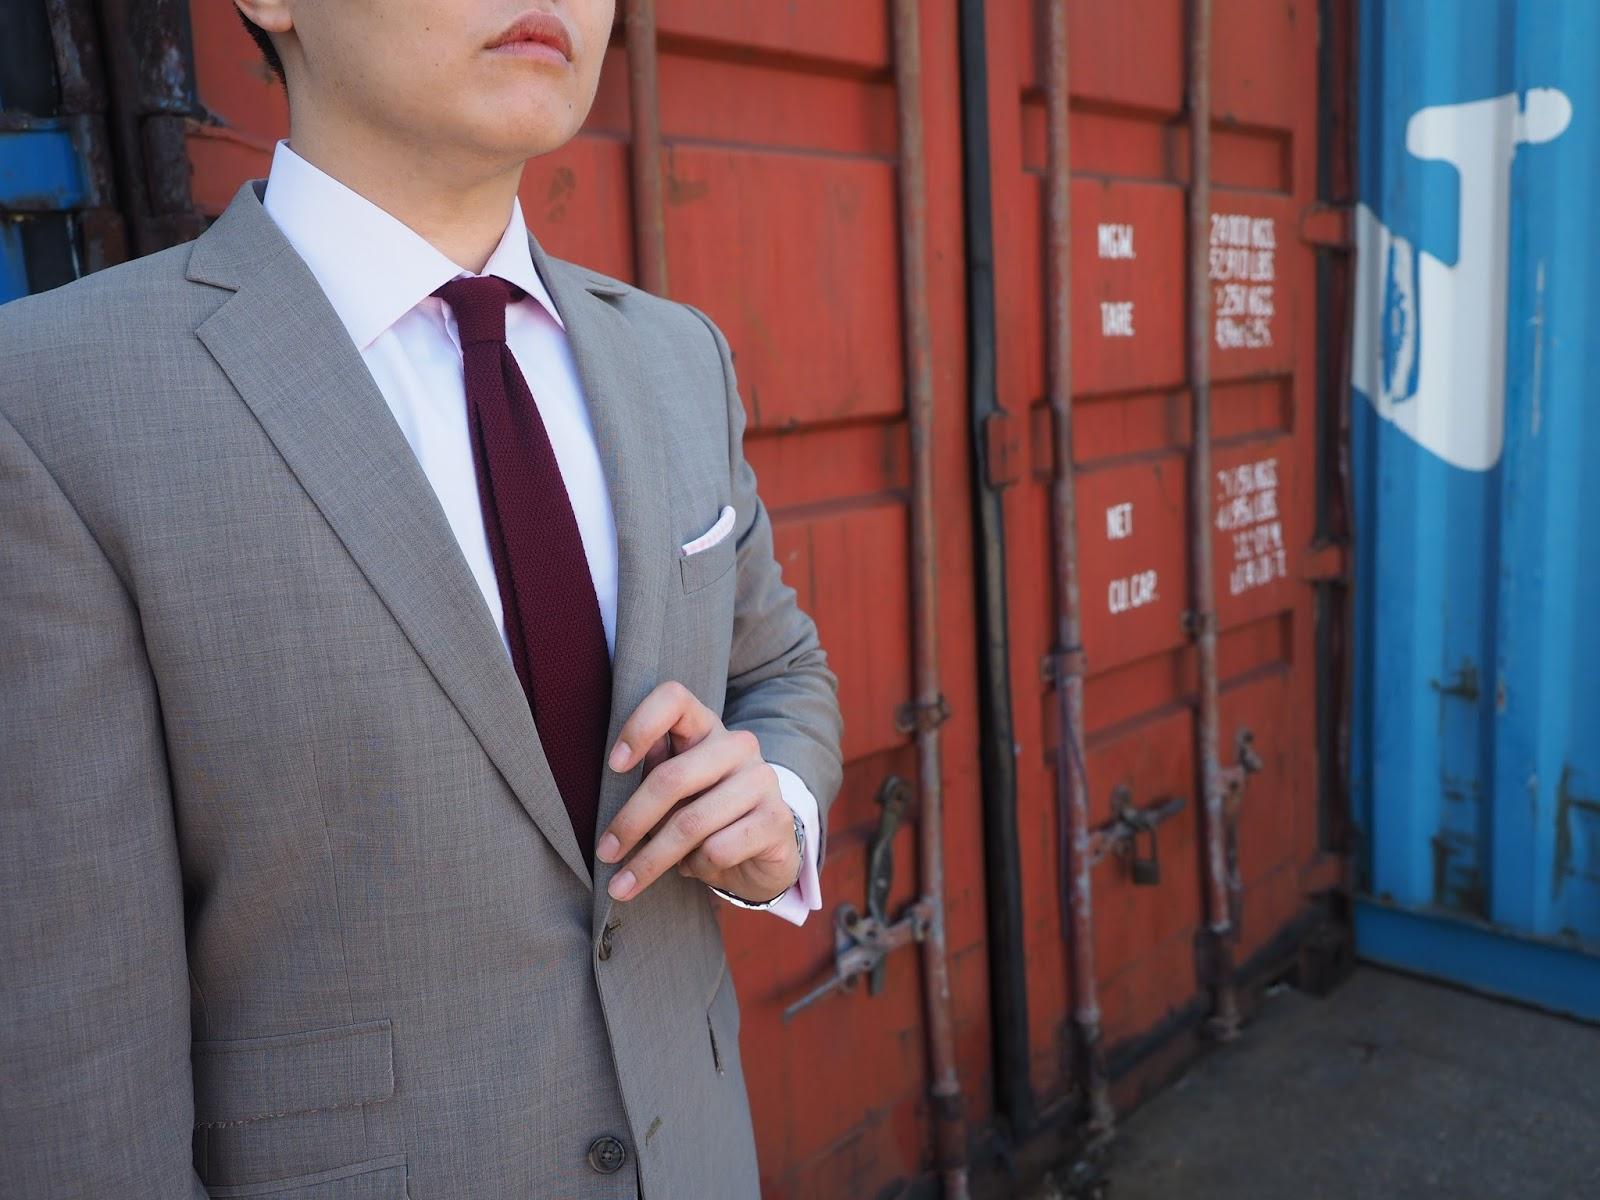 Watsons Winter Wednesday Brown Suit tie shirt professional work clothes men gentlemen square pocket handkerchief